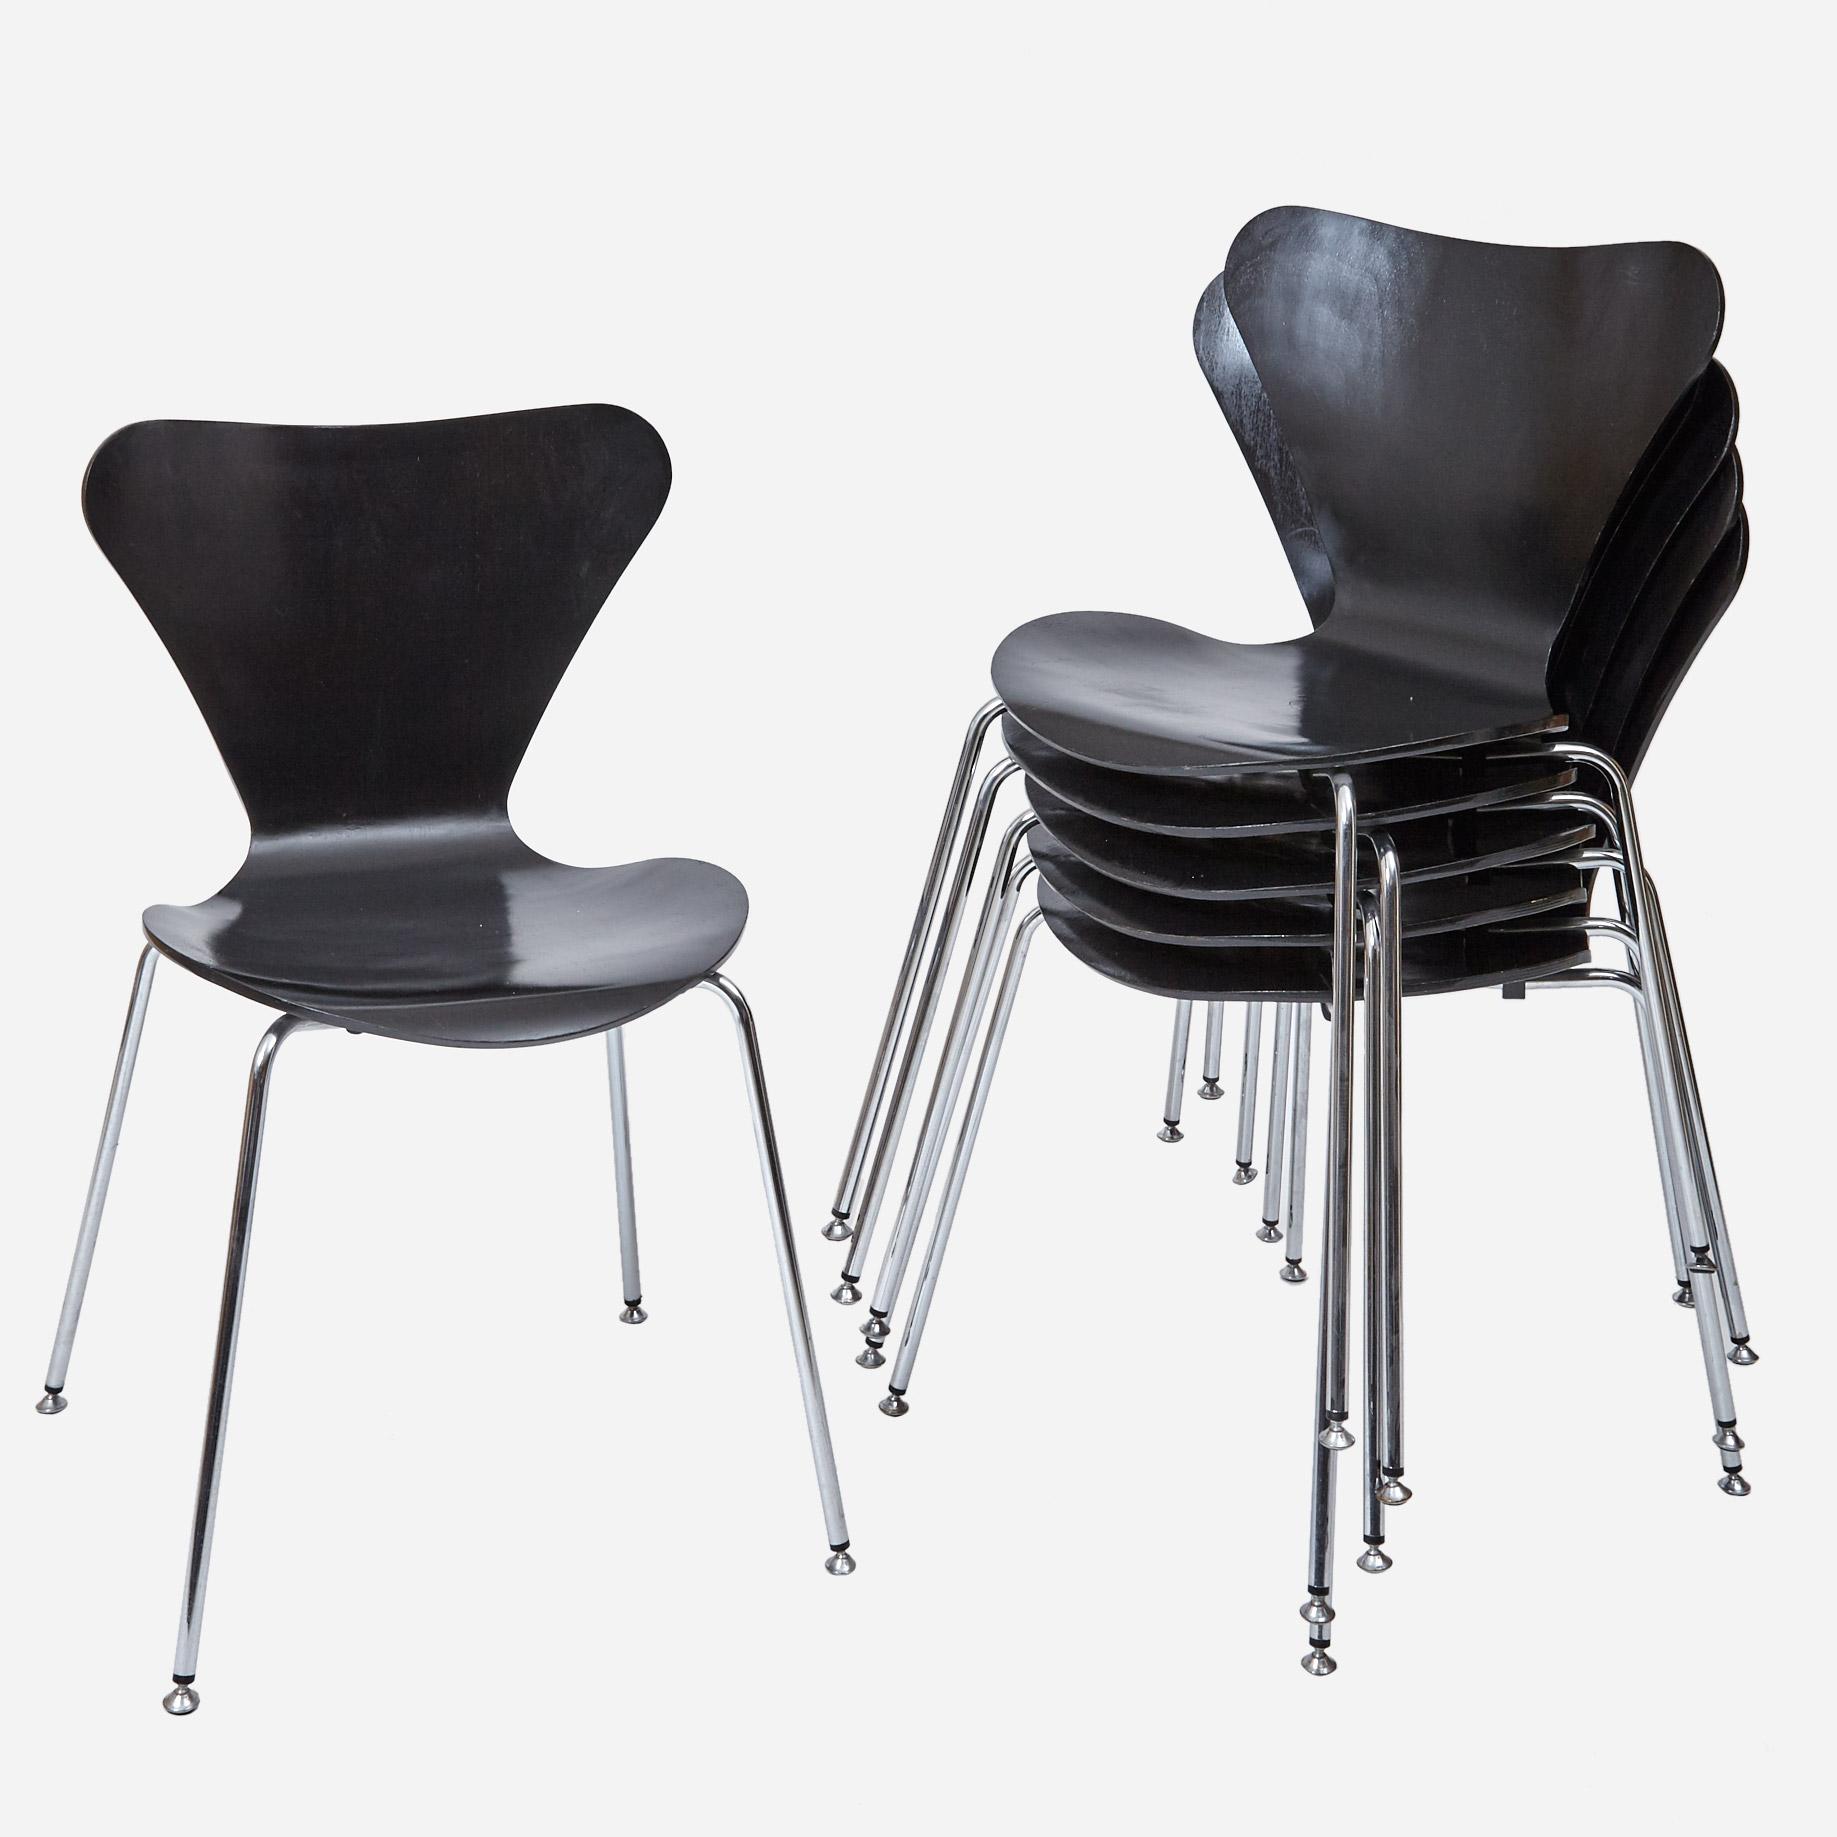 Stuhl 3107 von Arne Jacobsen (2 Stk.) | Möbel Zürich ...